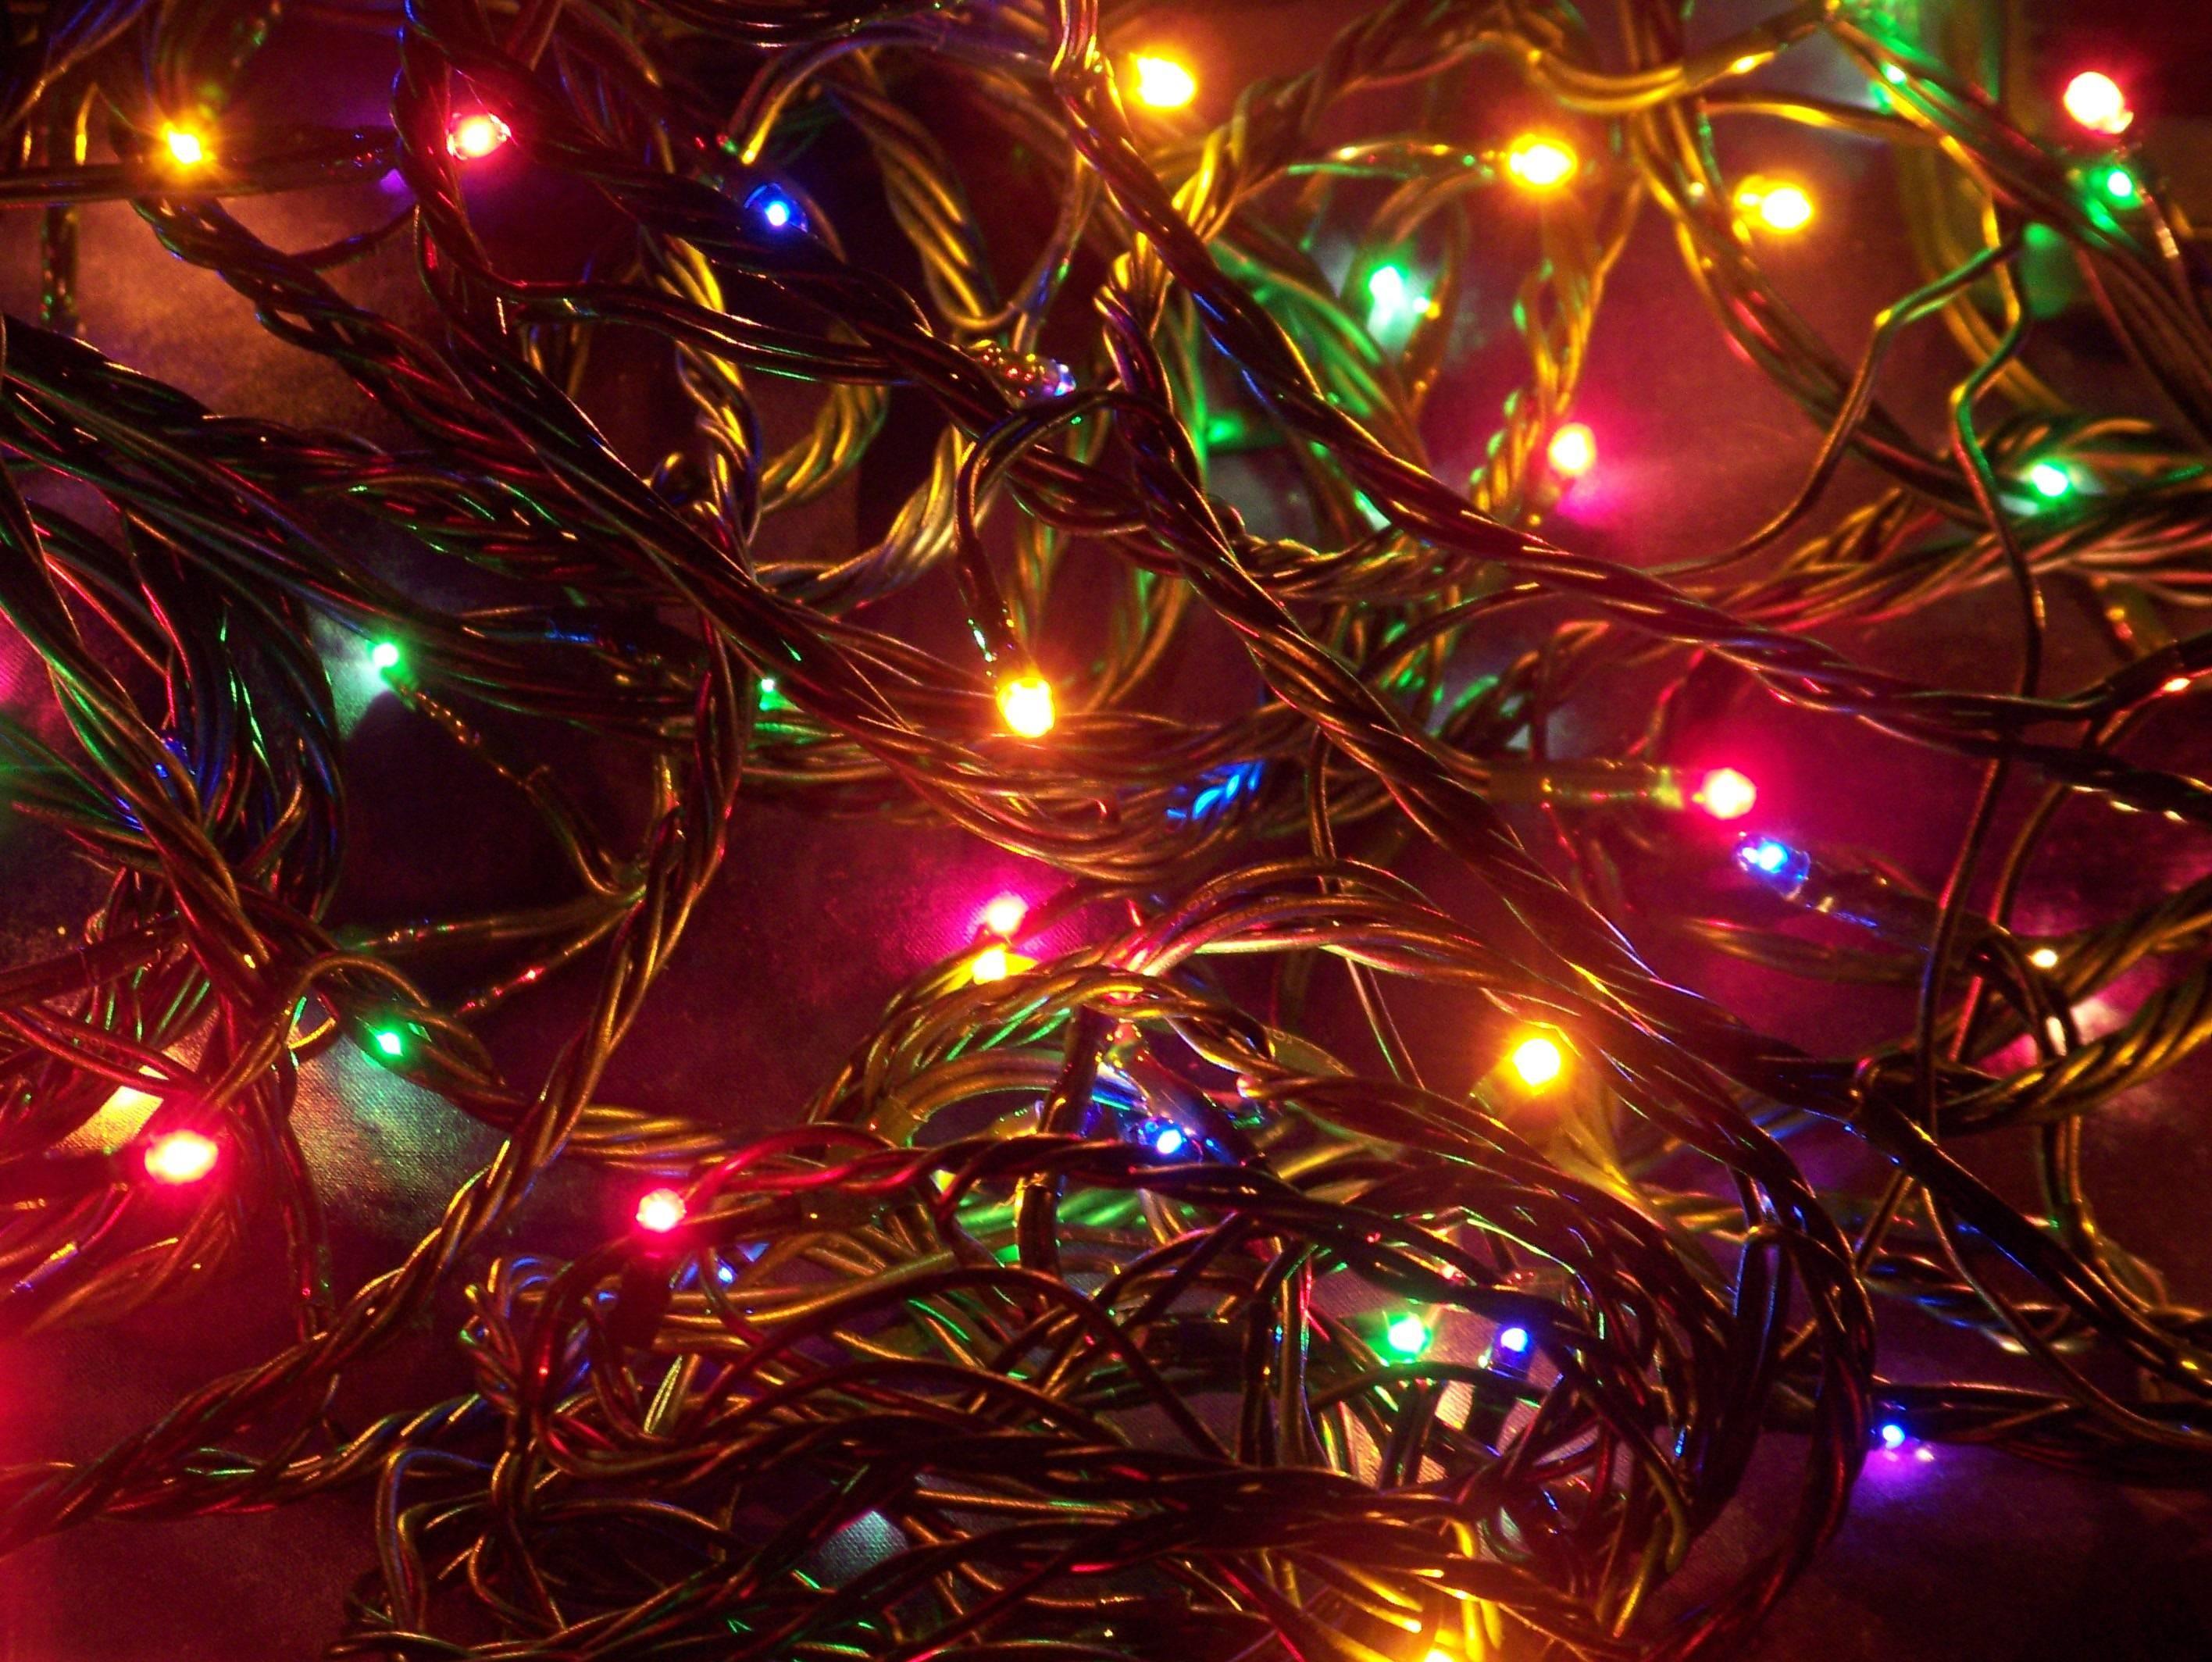 White Christmas Lights Screensavers (15)